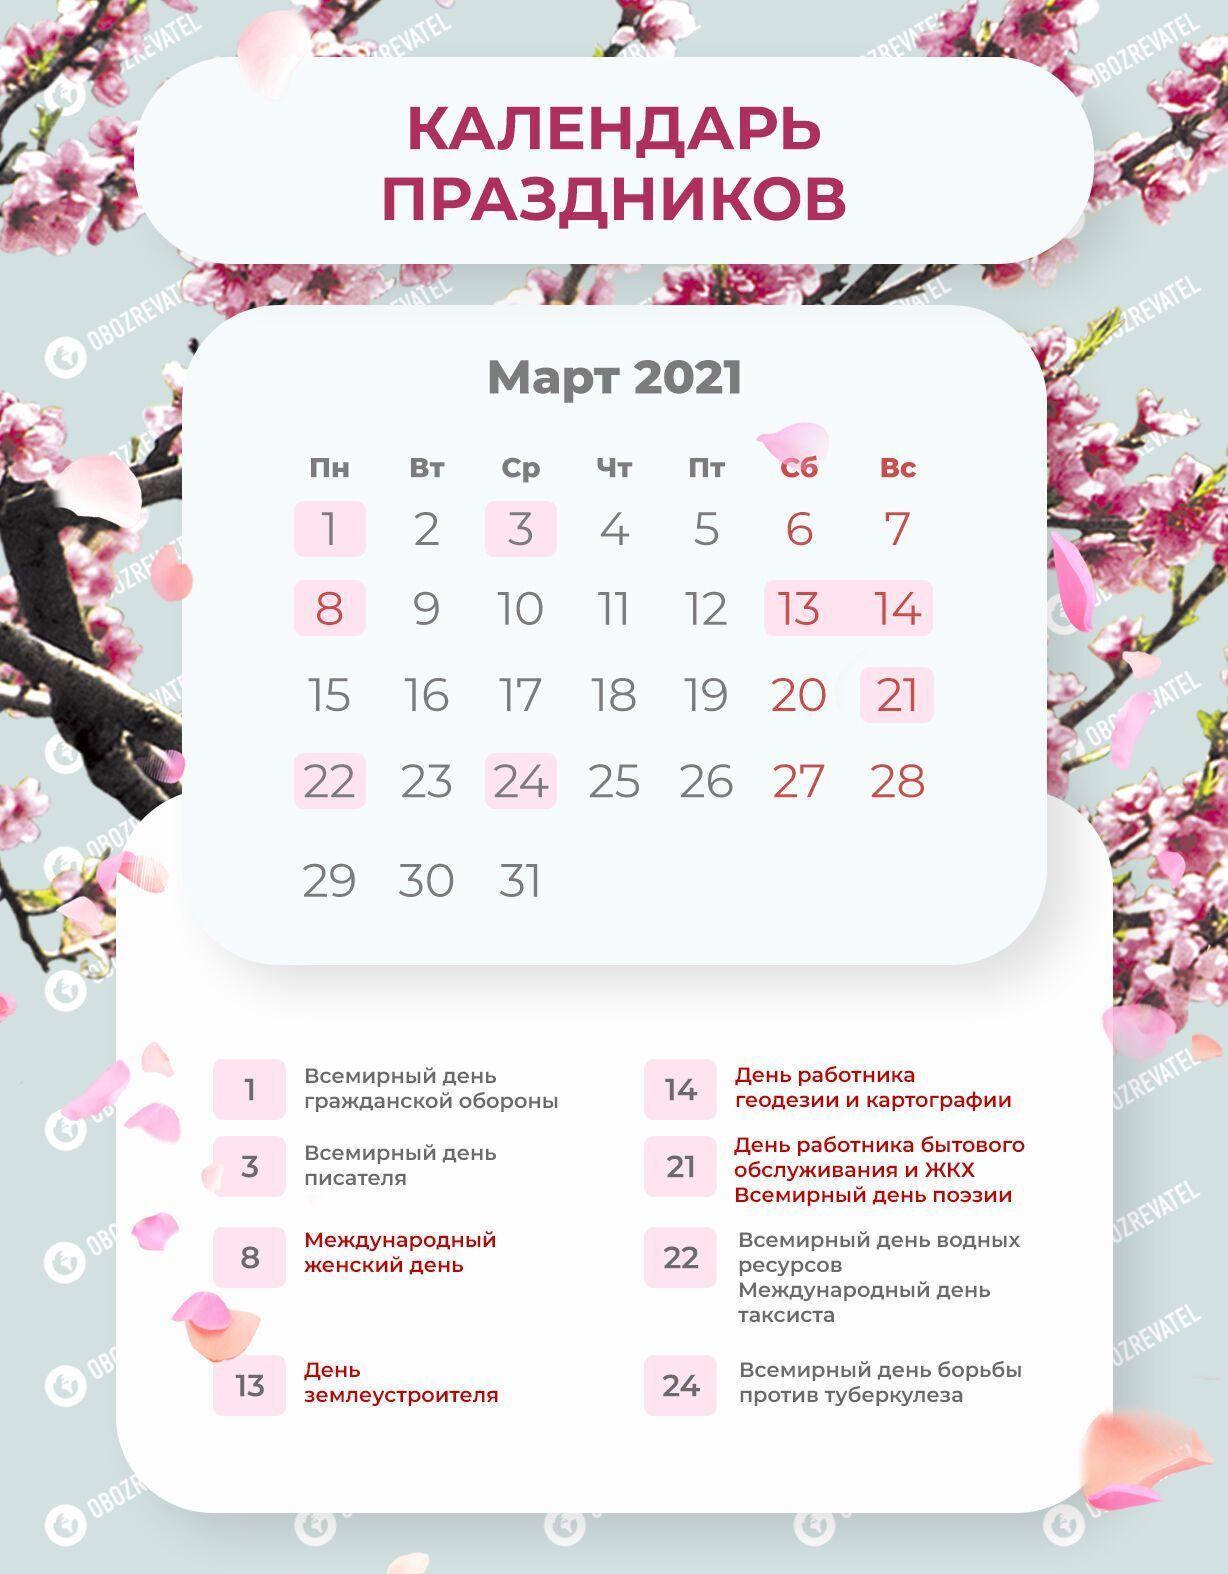 Выходные в марте 2021: сколько будут отдыхать в Украине